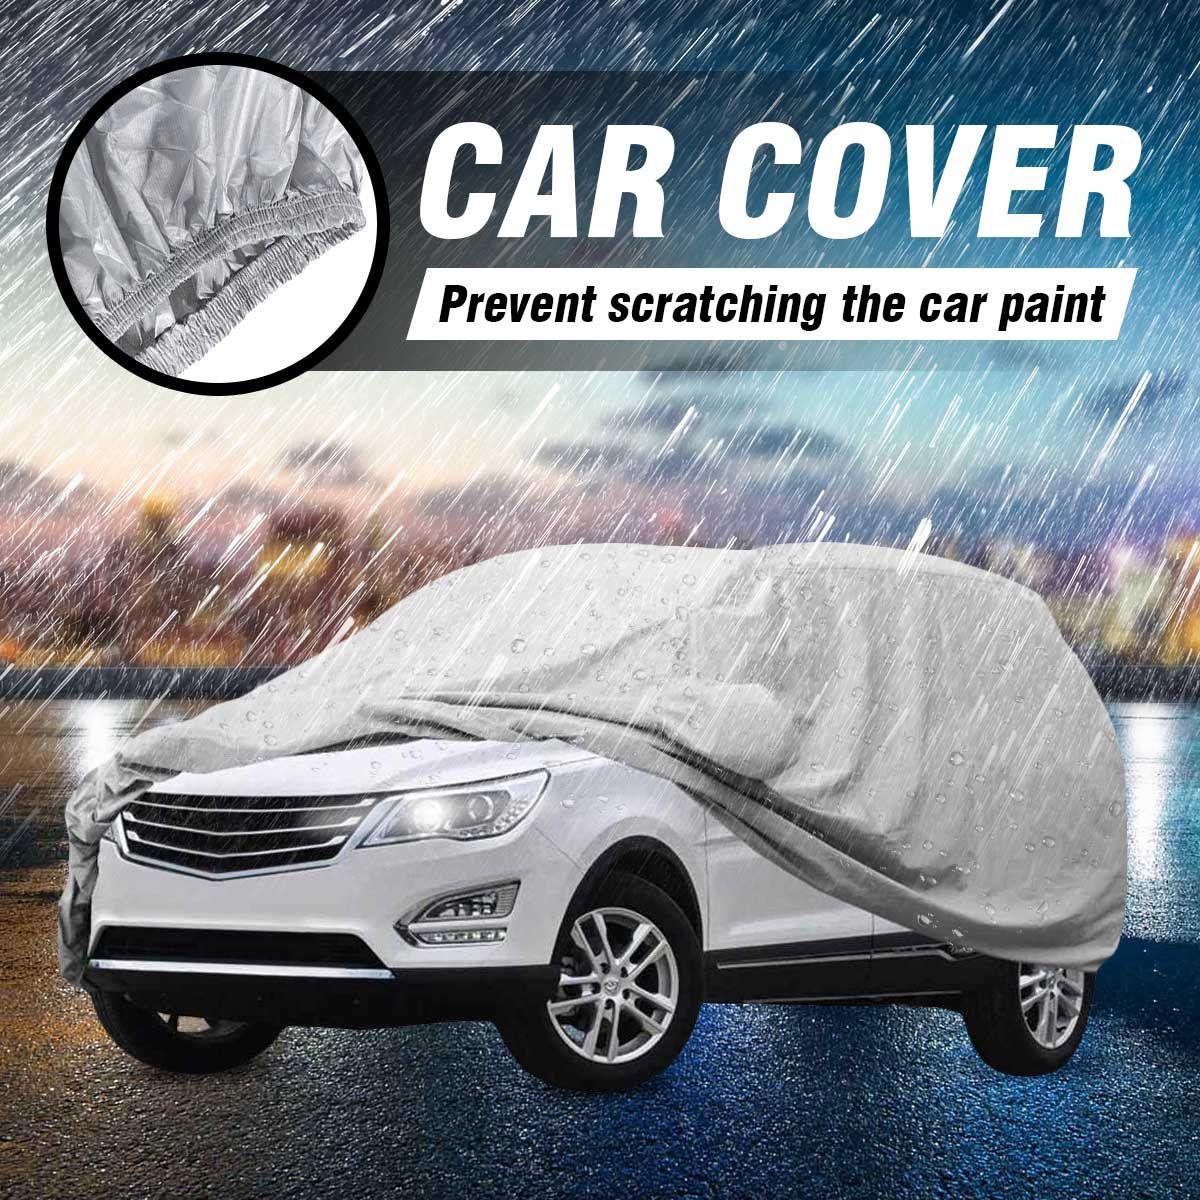 Auto Abdeckung L / XL Größe SUV Voll Auto Abdeckt Schnee Eis Sonne Regen Beständig Schutz Wasserdicht Staubdicht Outdoor Indoor